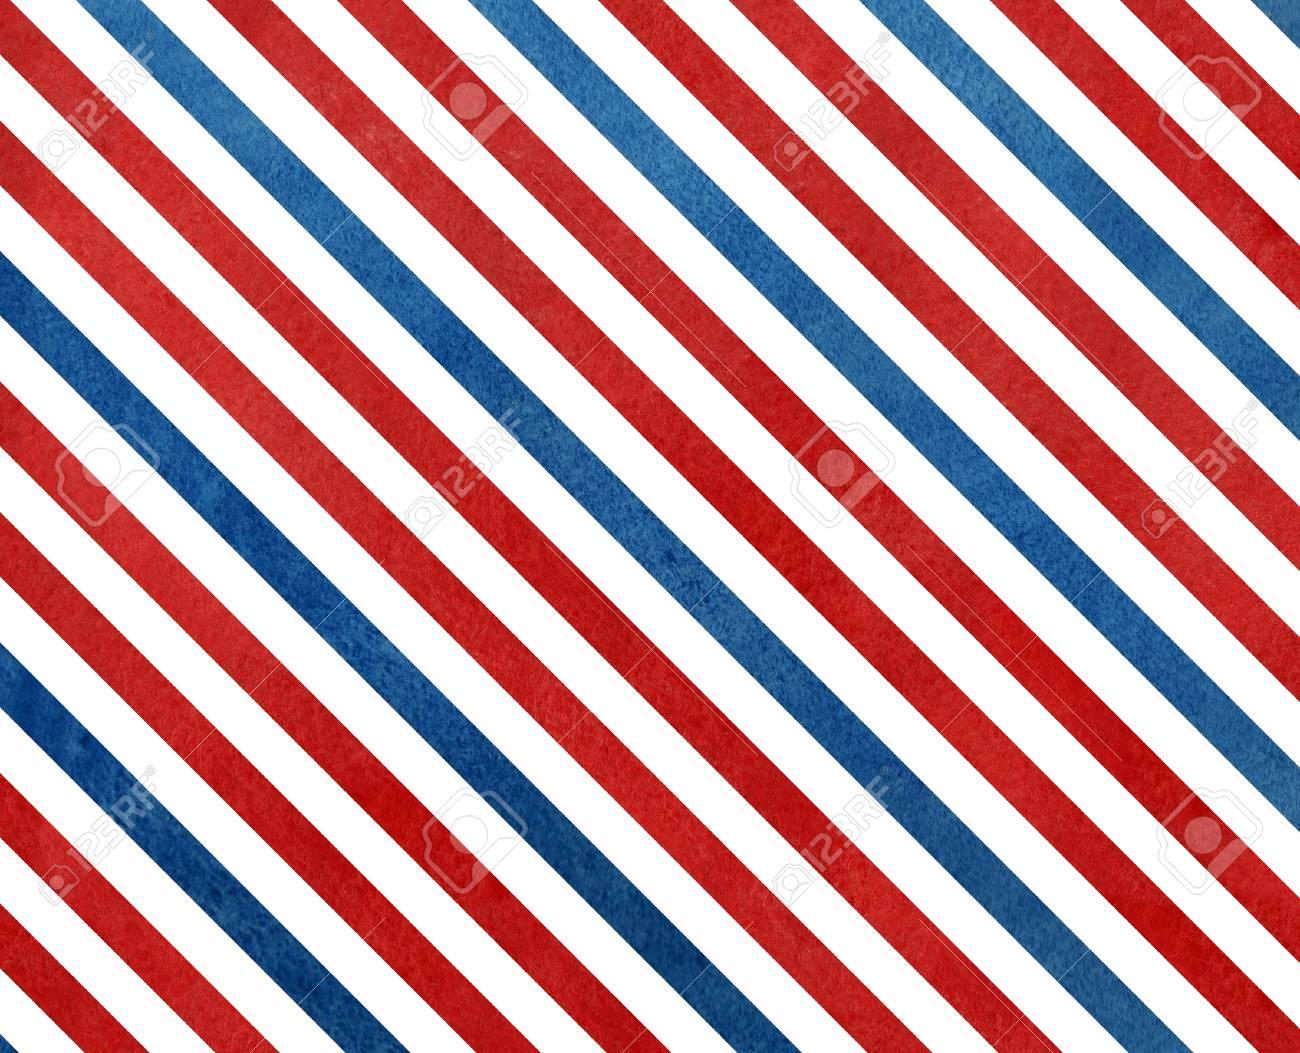 Immagini Stock Acquerello Blu Scuro E Rosso Sfondo A Strisce